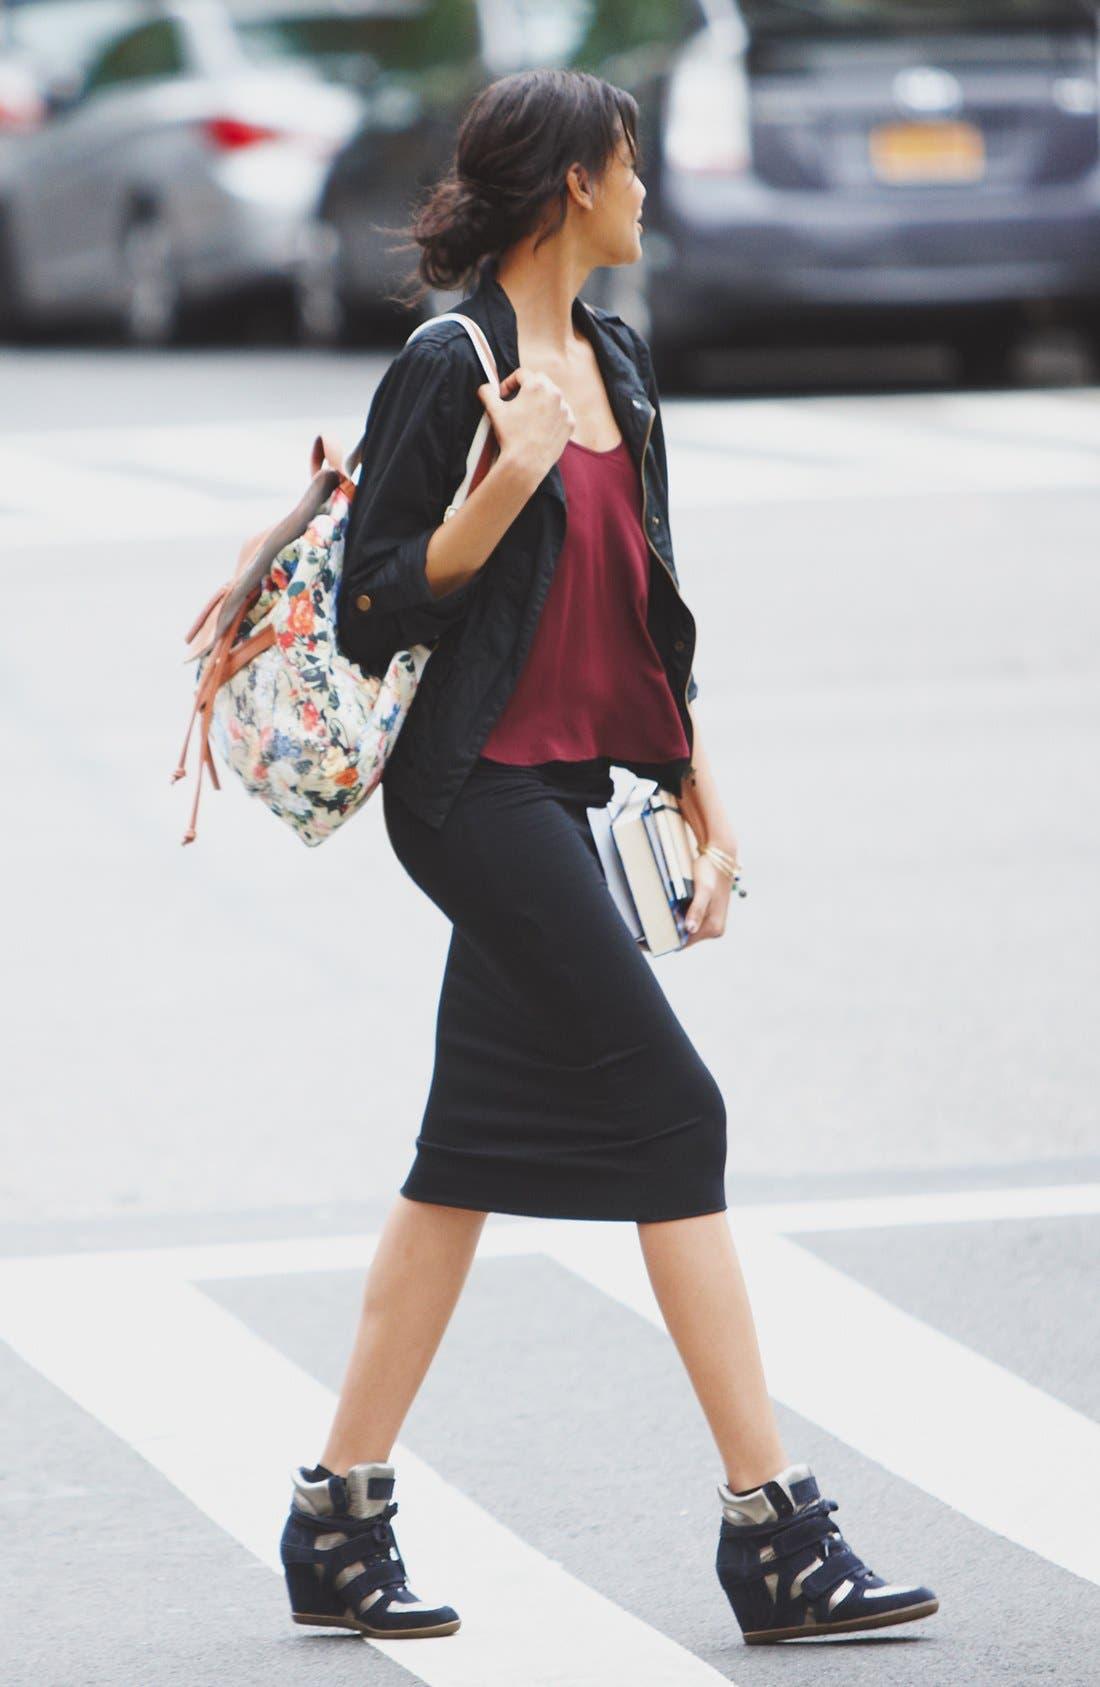 Alternate Image 1 Selected - Angel Kiss Jacket, Lush Camisole & Frenchi® Skirt